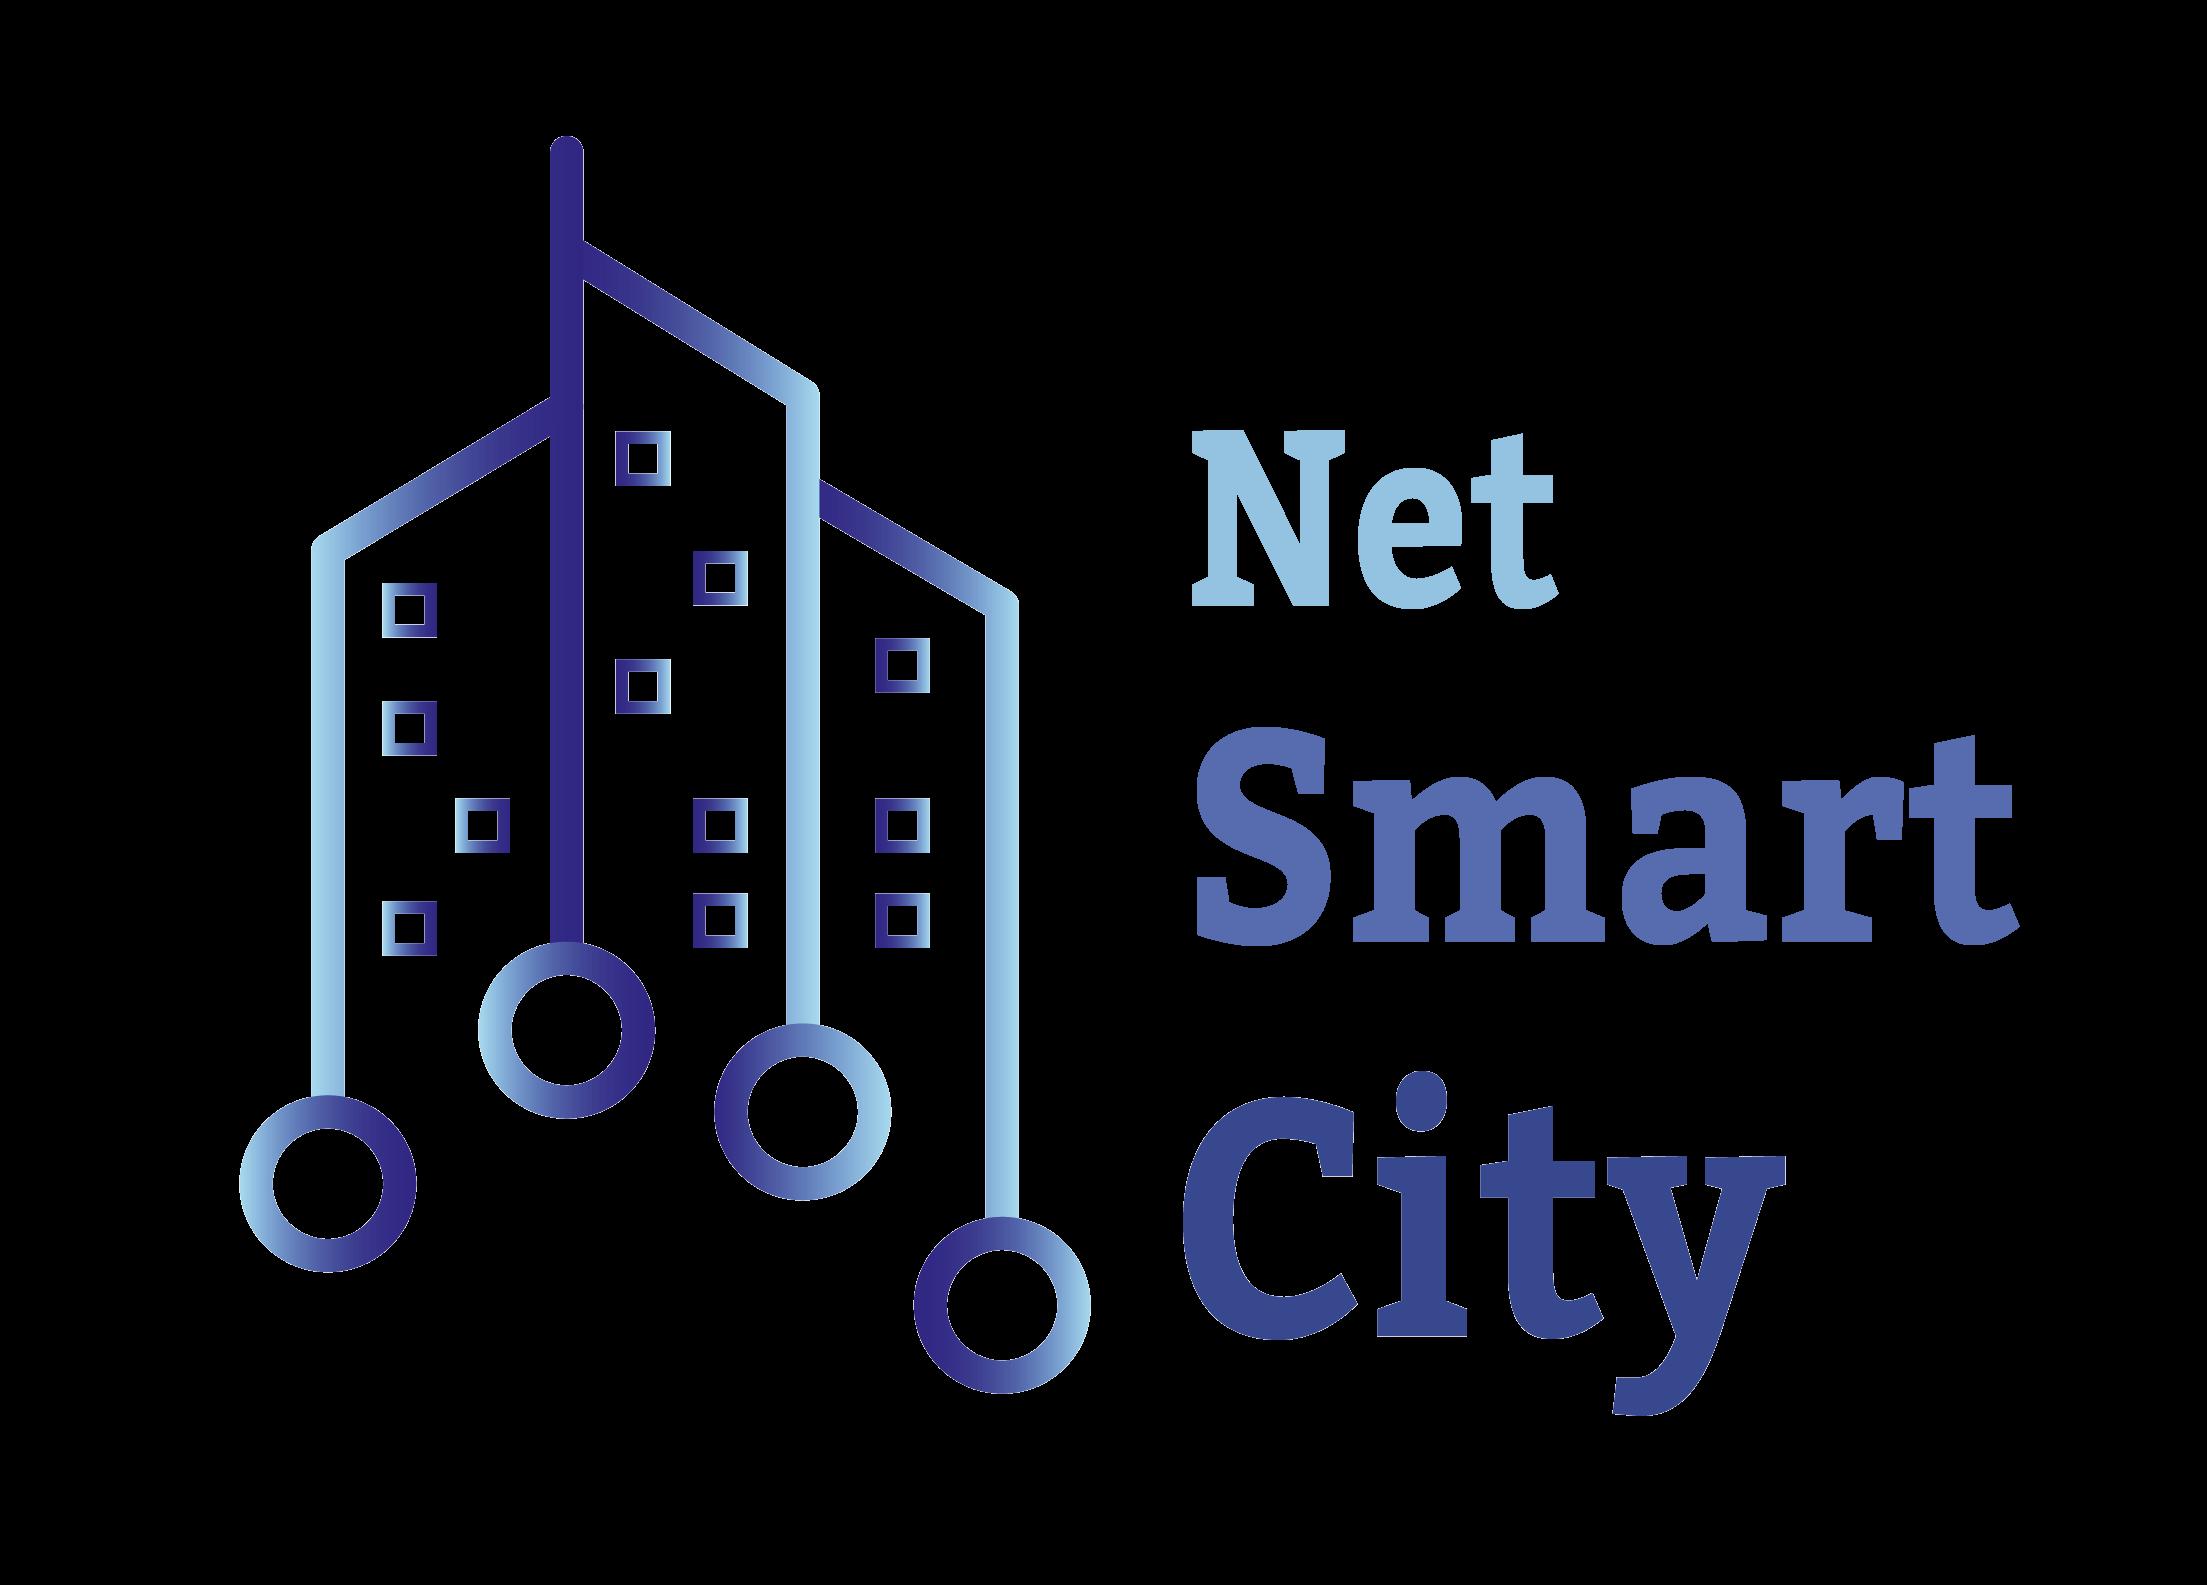 شهر هوشمند اینترنتی – Net Smart City